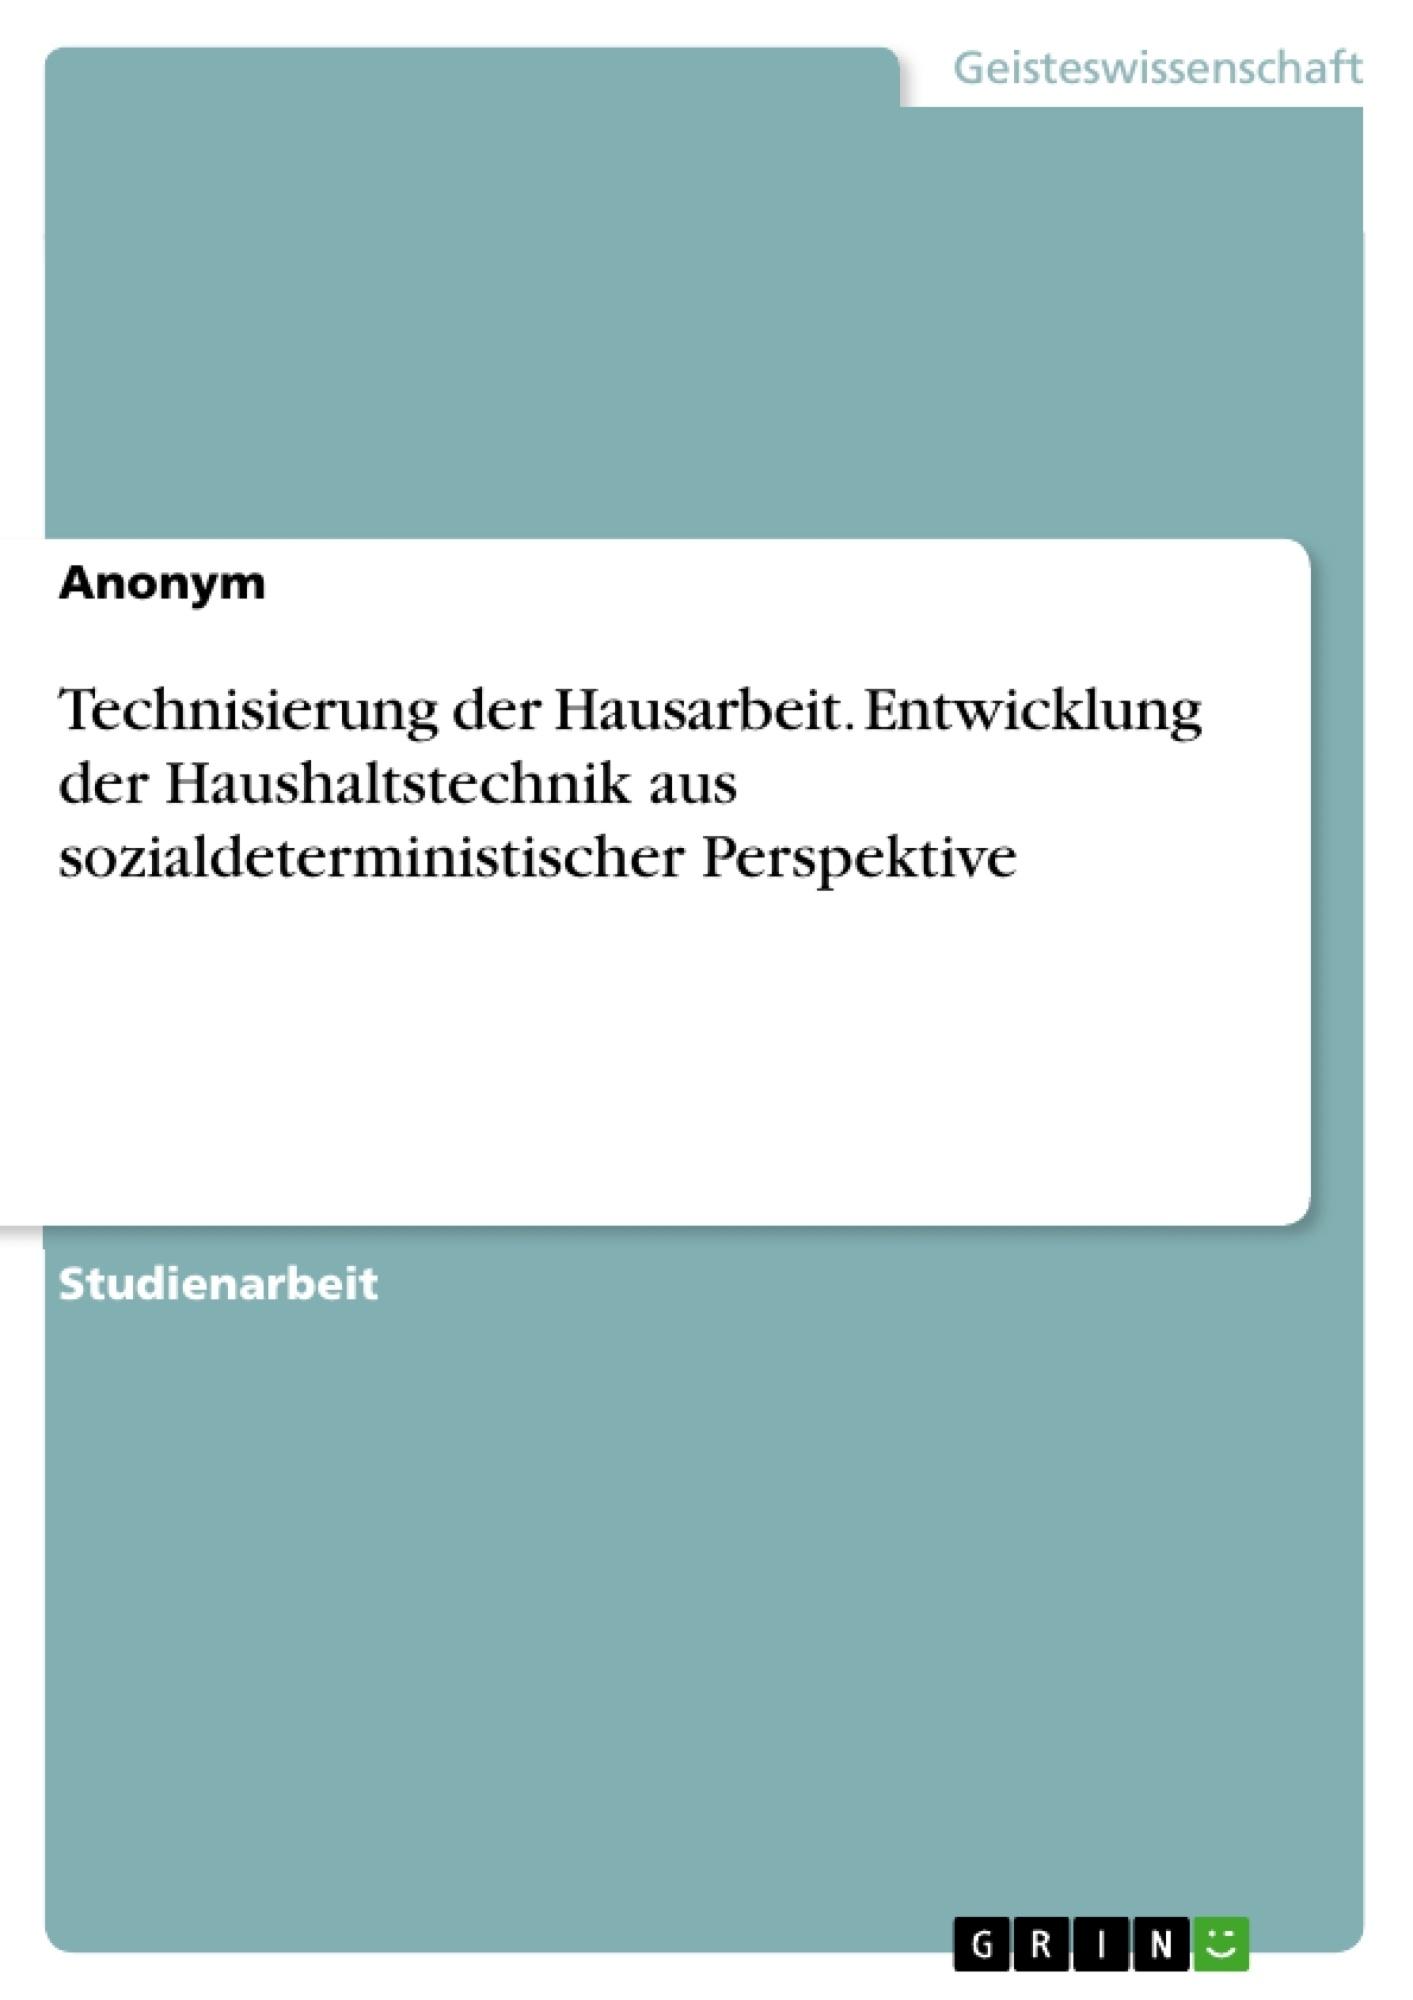 Titel: Technisierung der Hausarbeit. Entwicklung der Haushaltstechnik aus sozialdeterministischer Perspektive